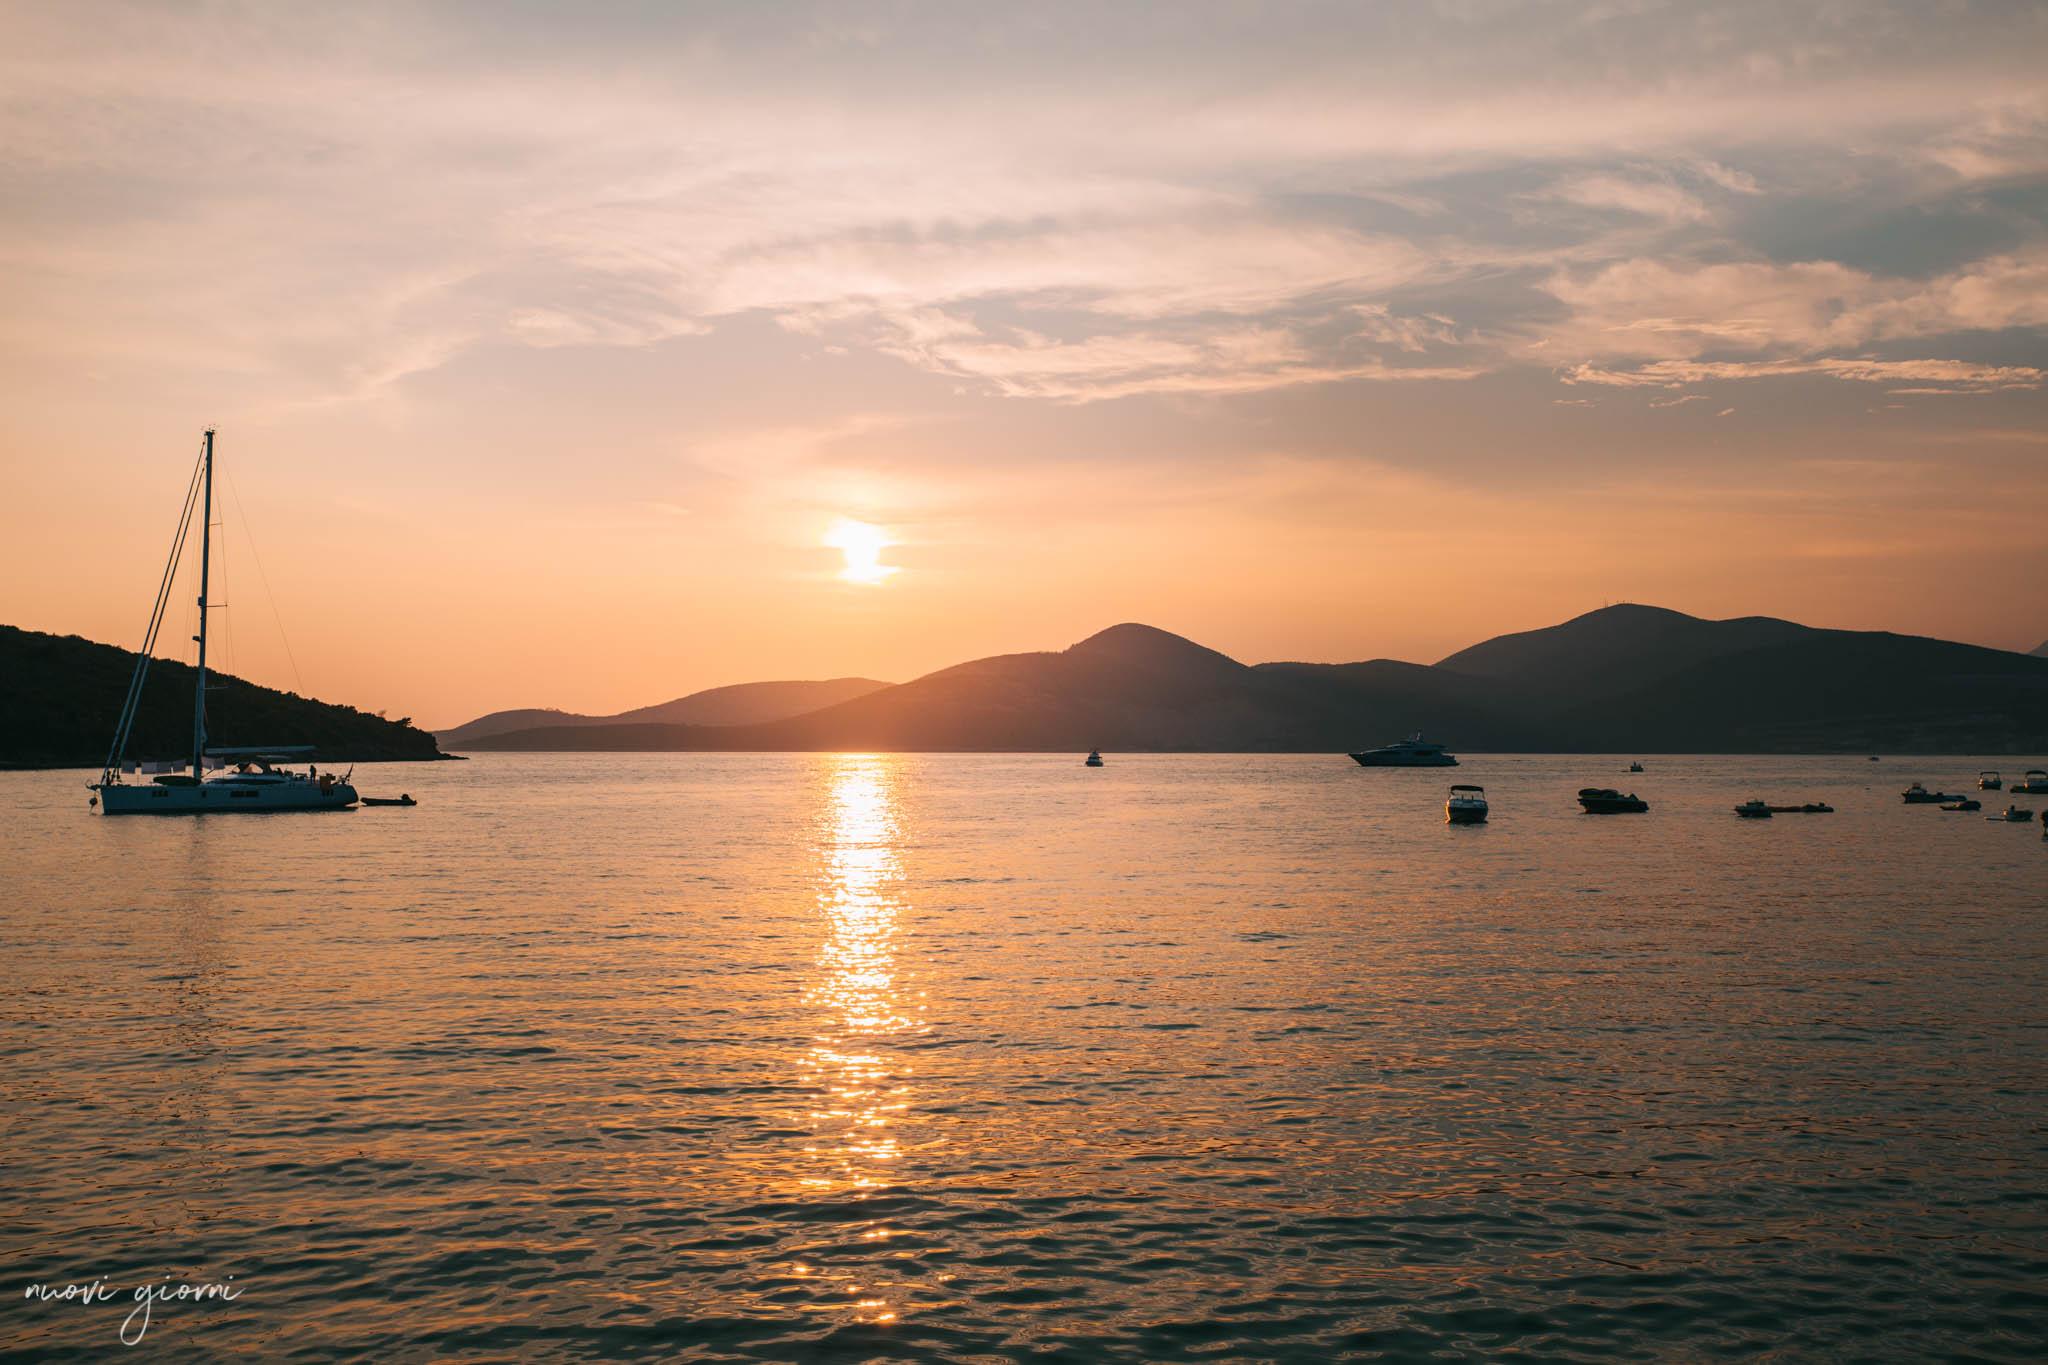 montenegro vacanza caicco gulet cruise nuovi giorni blog 63